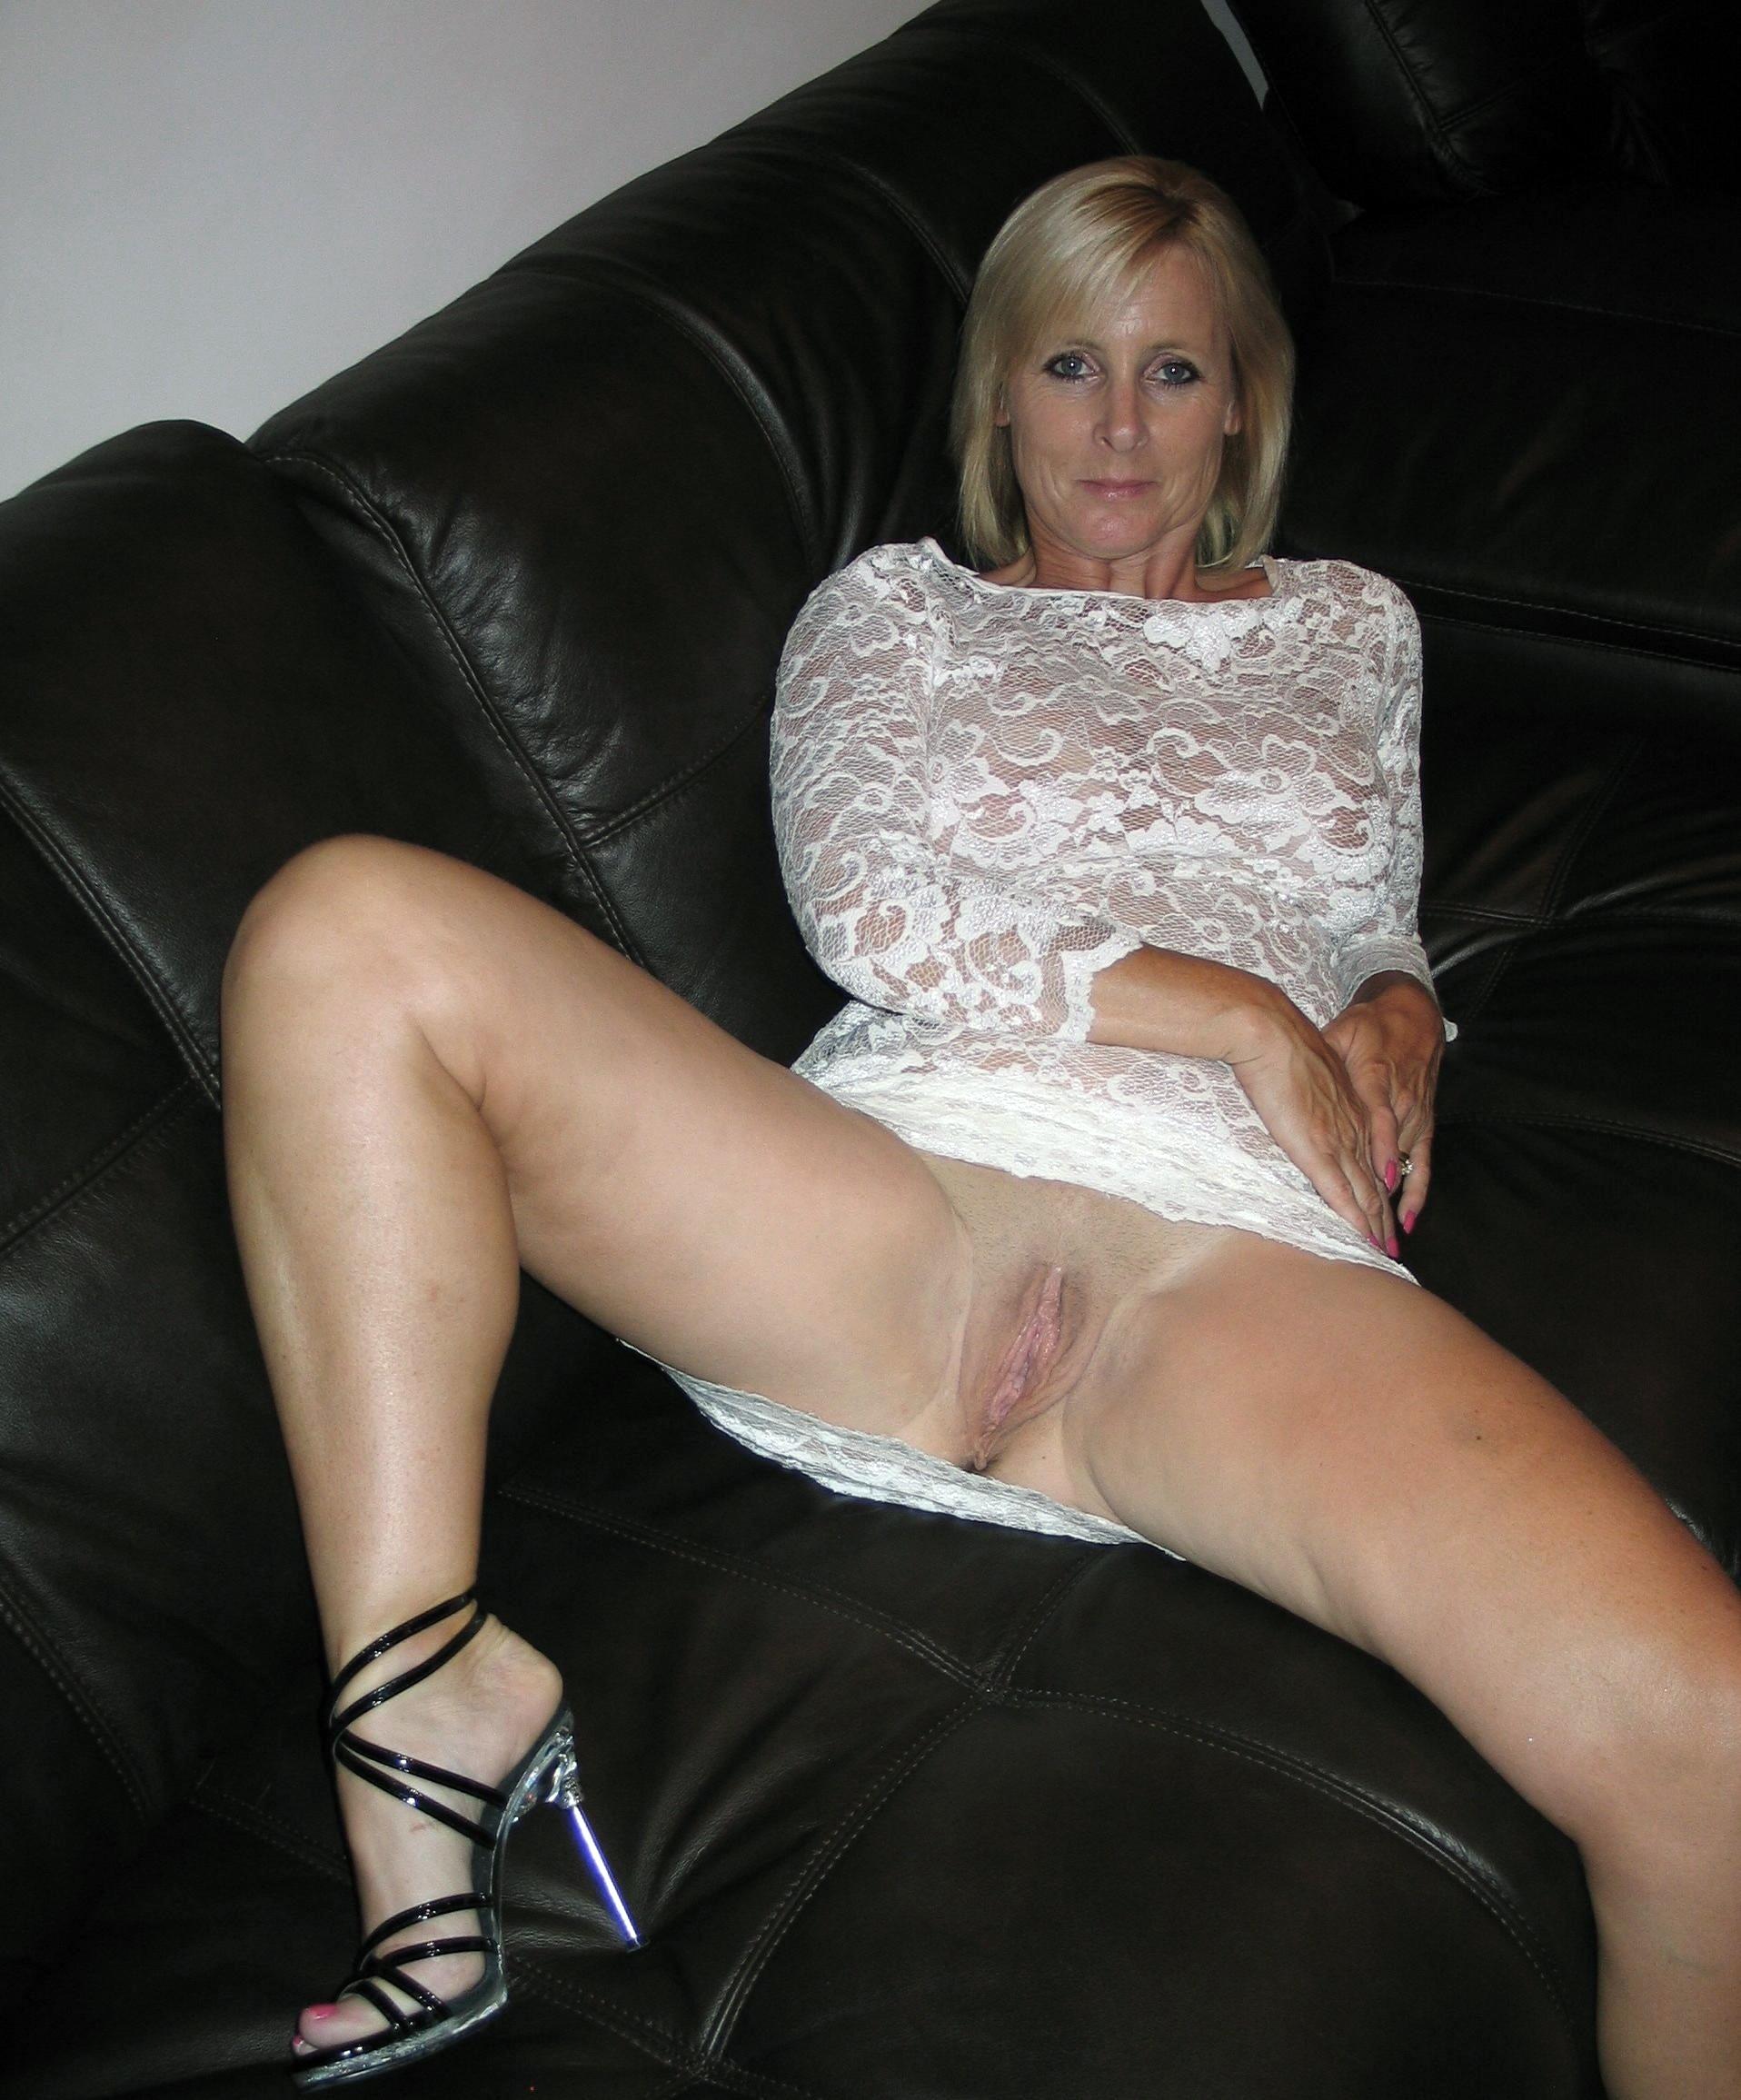 Мамаши расставили ноги и показывают сочные пилотки | порно и секс ...